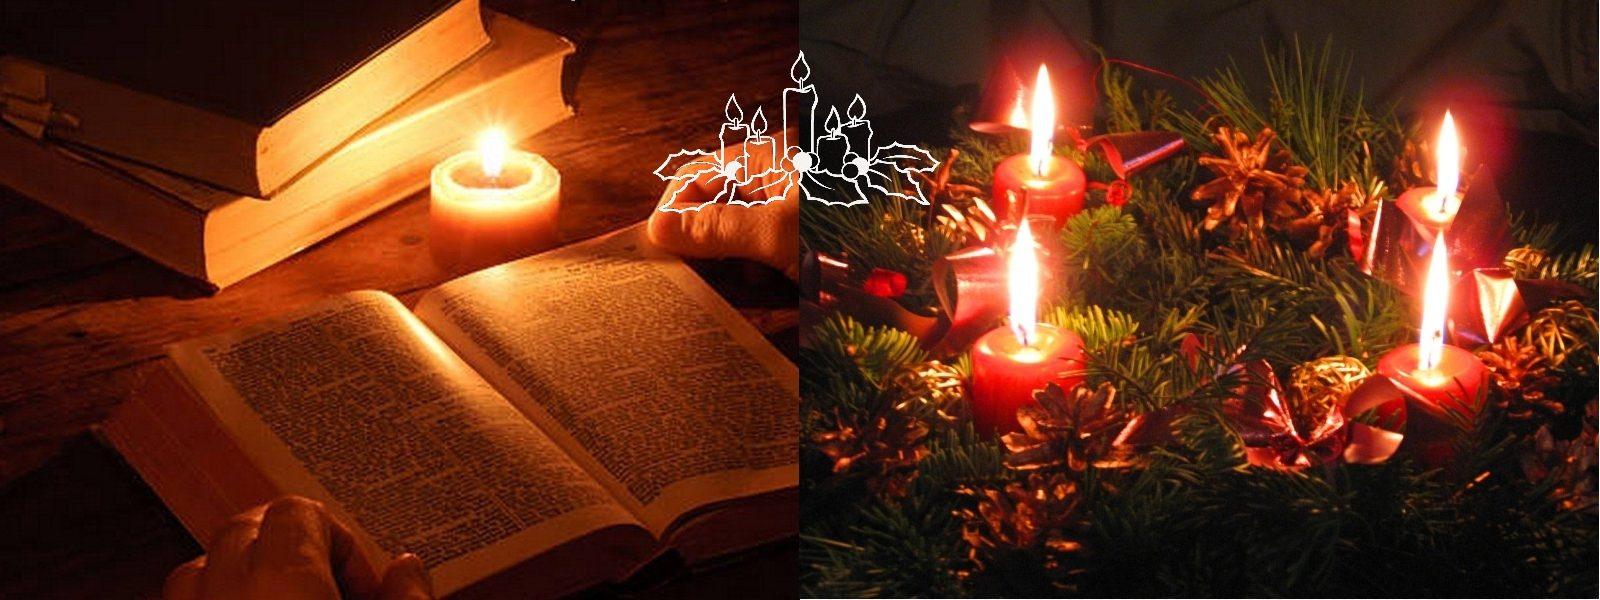 «Рождения Христа мы ждём, Спаситель при дверях»